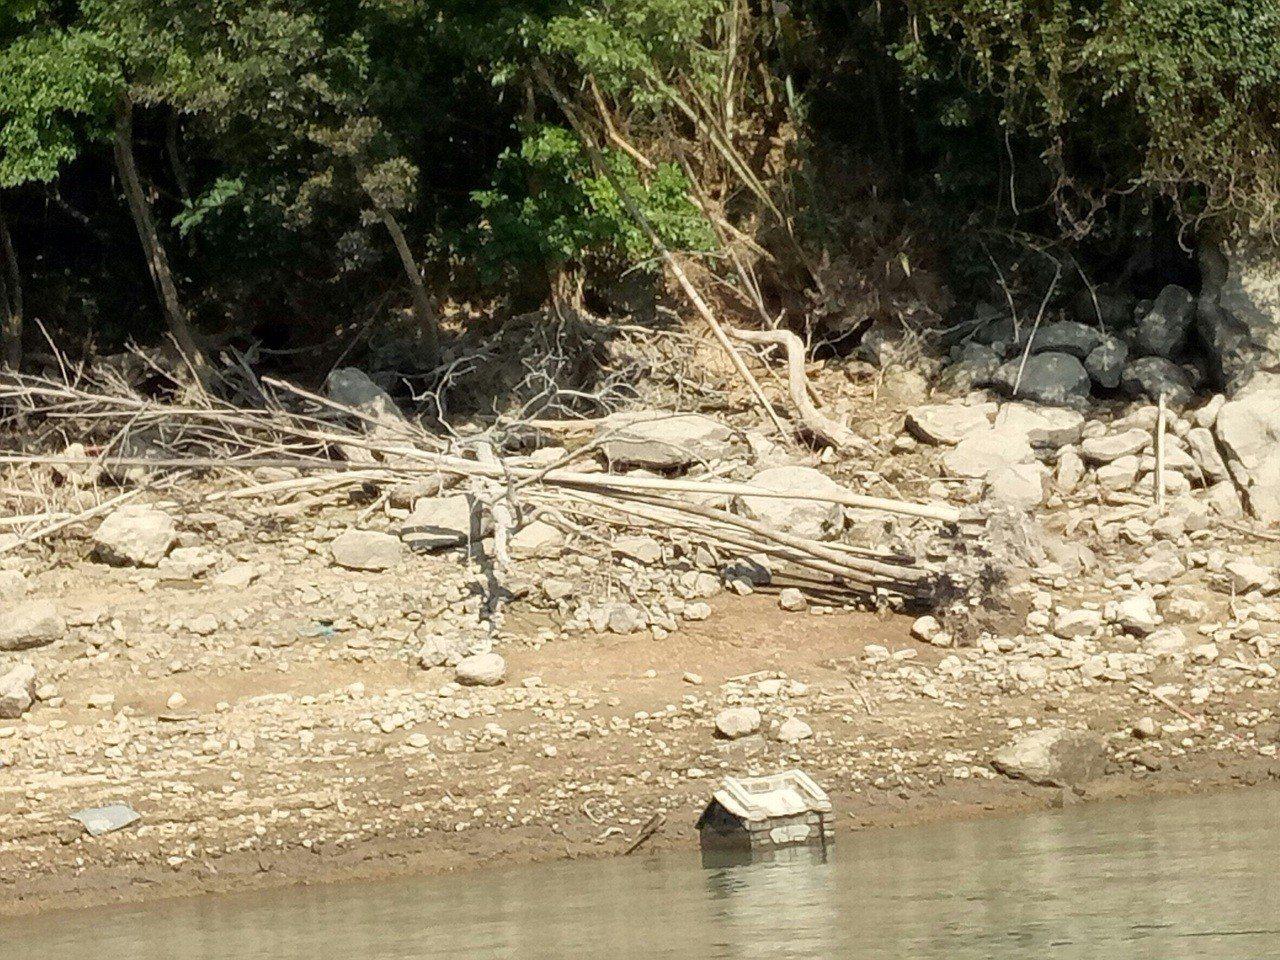 土地公廟露出水面是石門水庫枯水期初期指標。 圖/北區水資源局提供